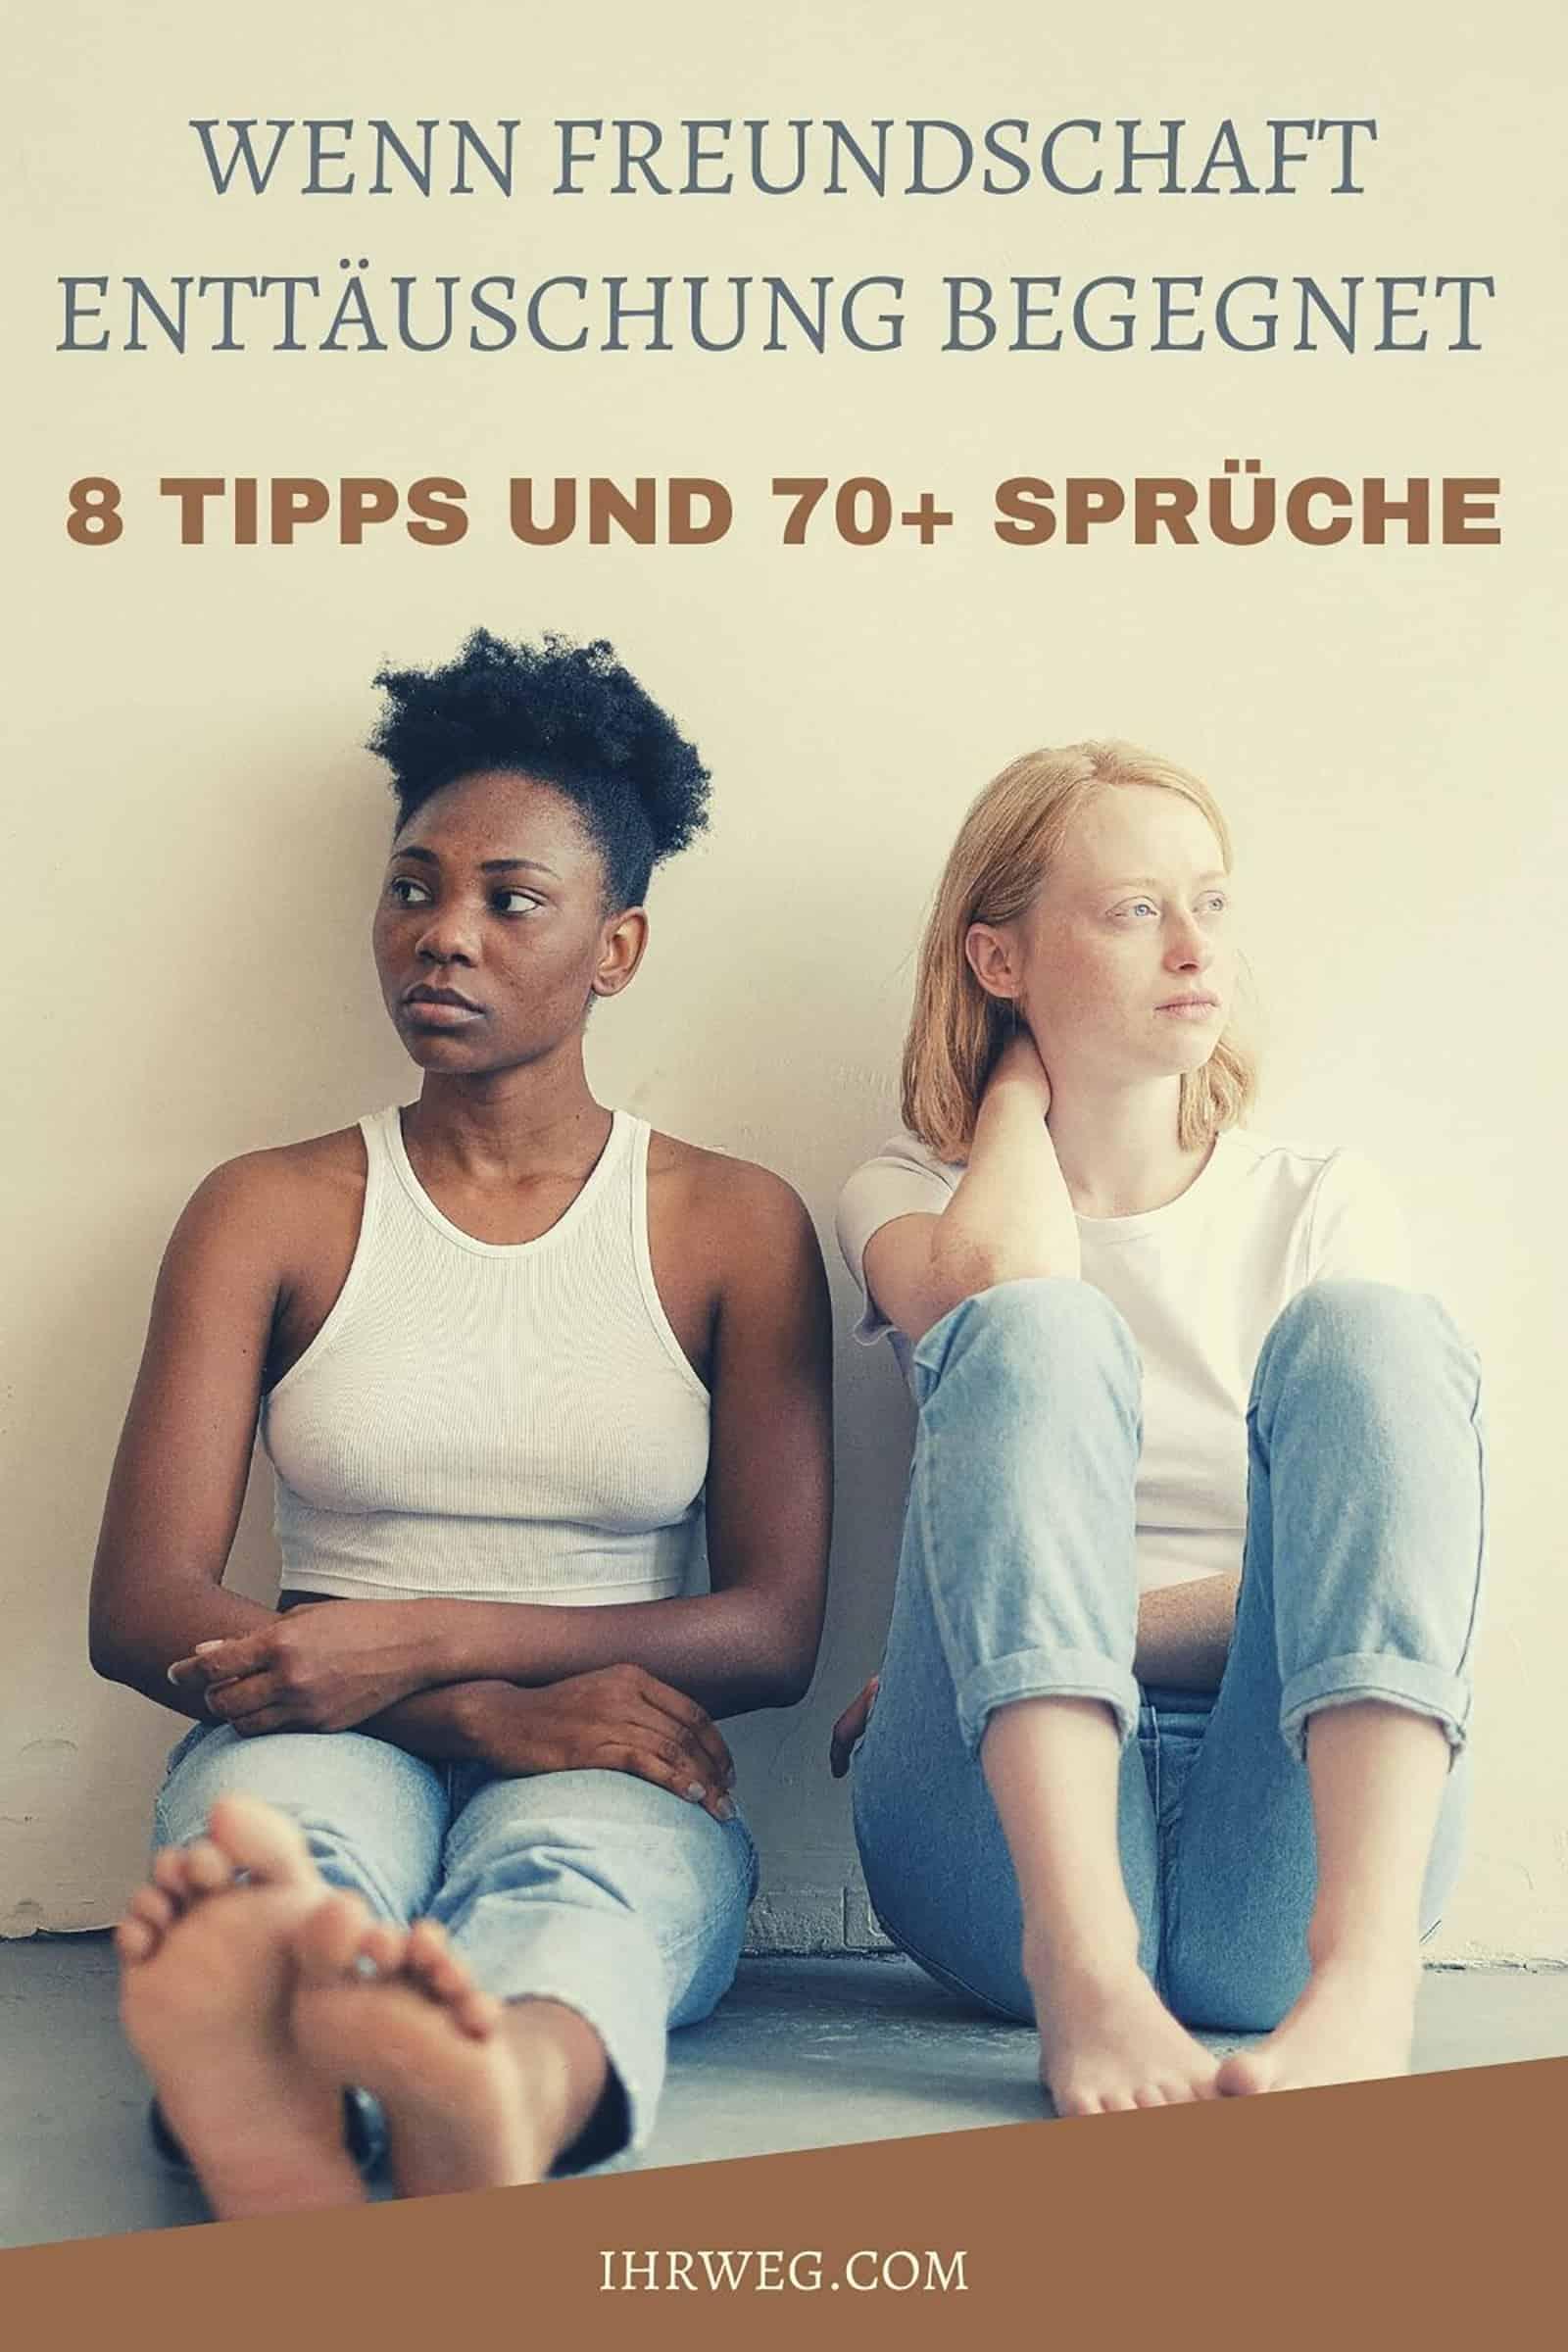 Wenn Freundschaft Enttäuschung begegnet - 8 Tipps und 70+ Sprüche